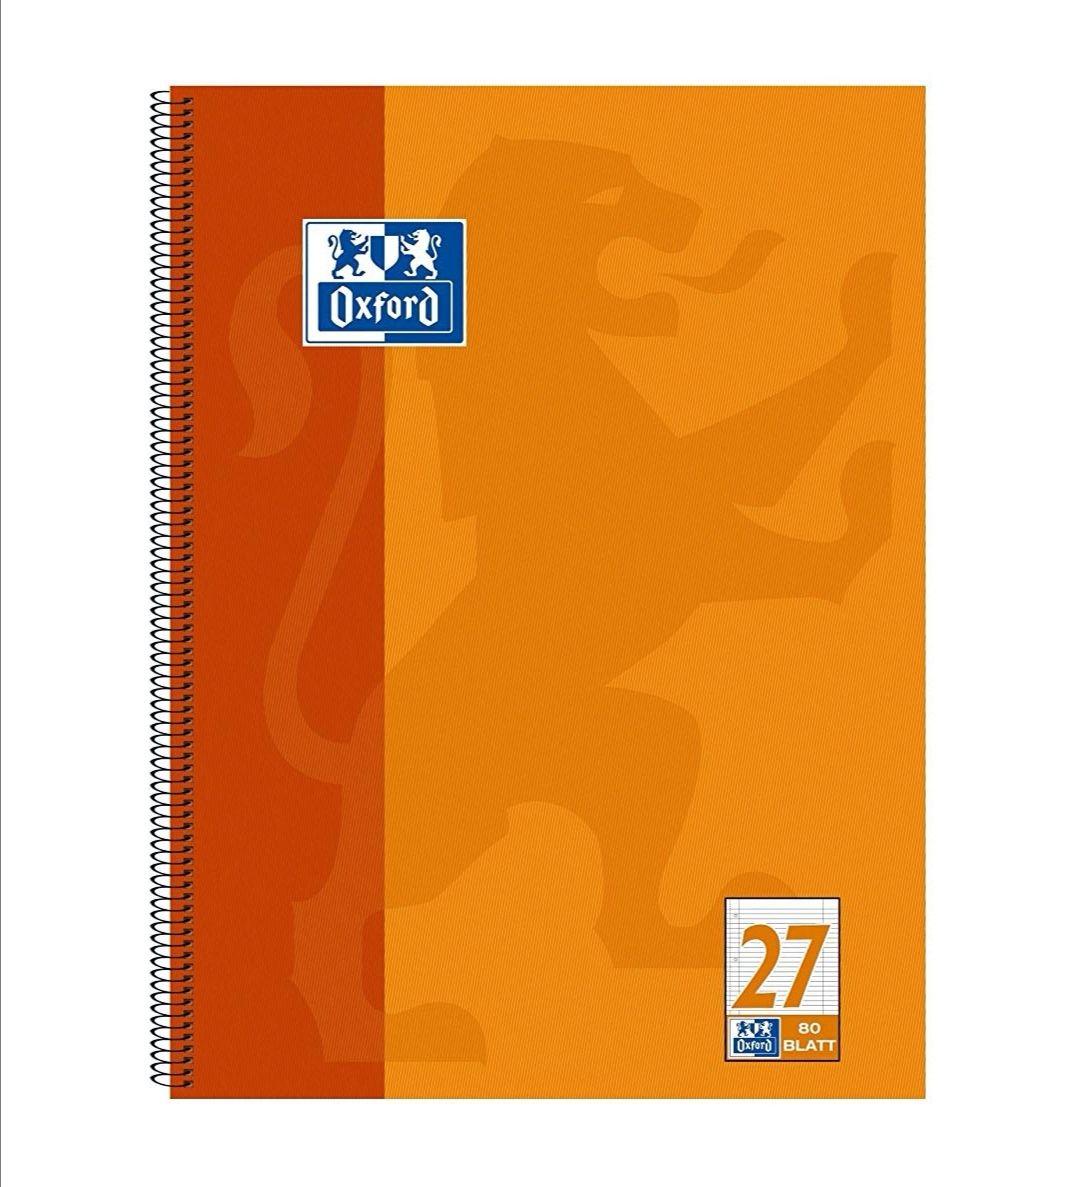 Cuaderno Oxford de pasta dura tamaño A4. (Reaco Muy Bueno)